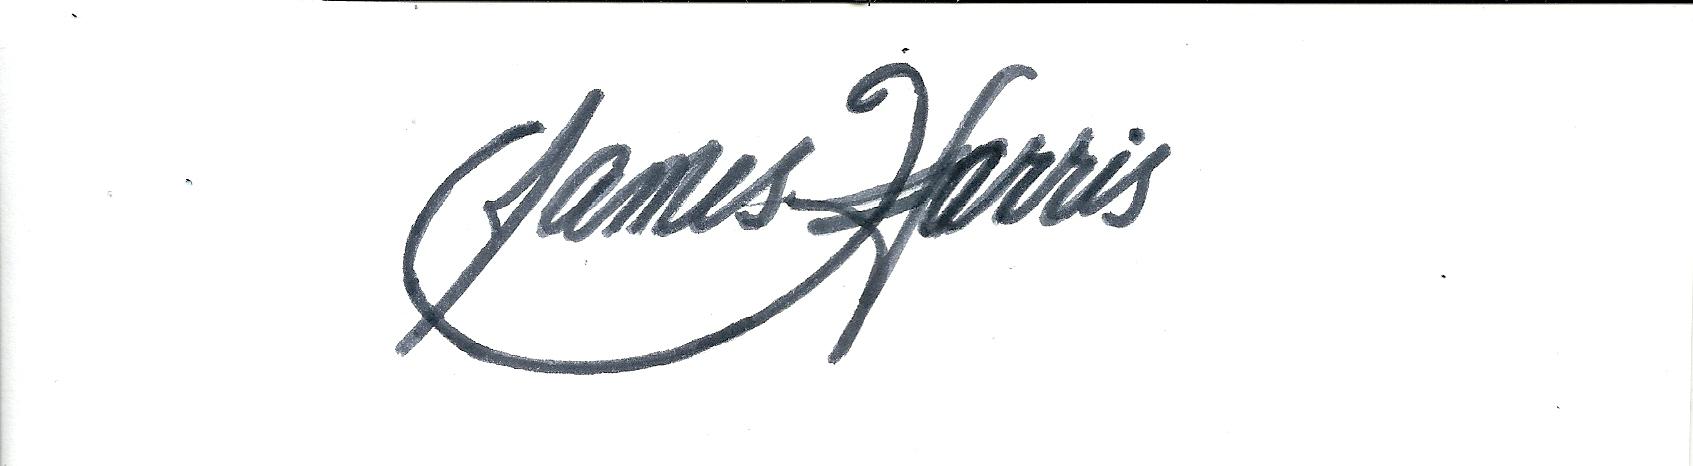 James Harris's Signature